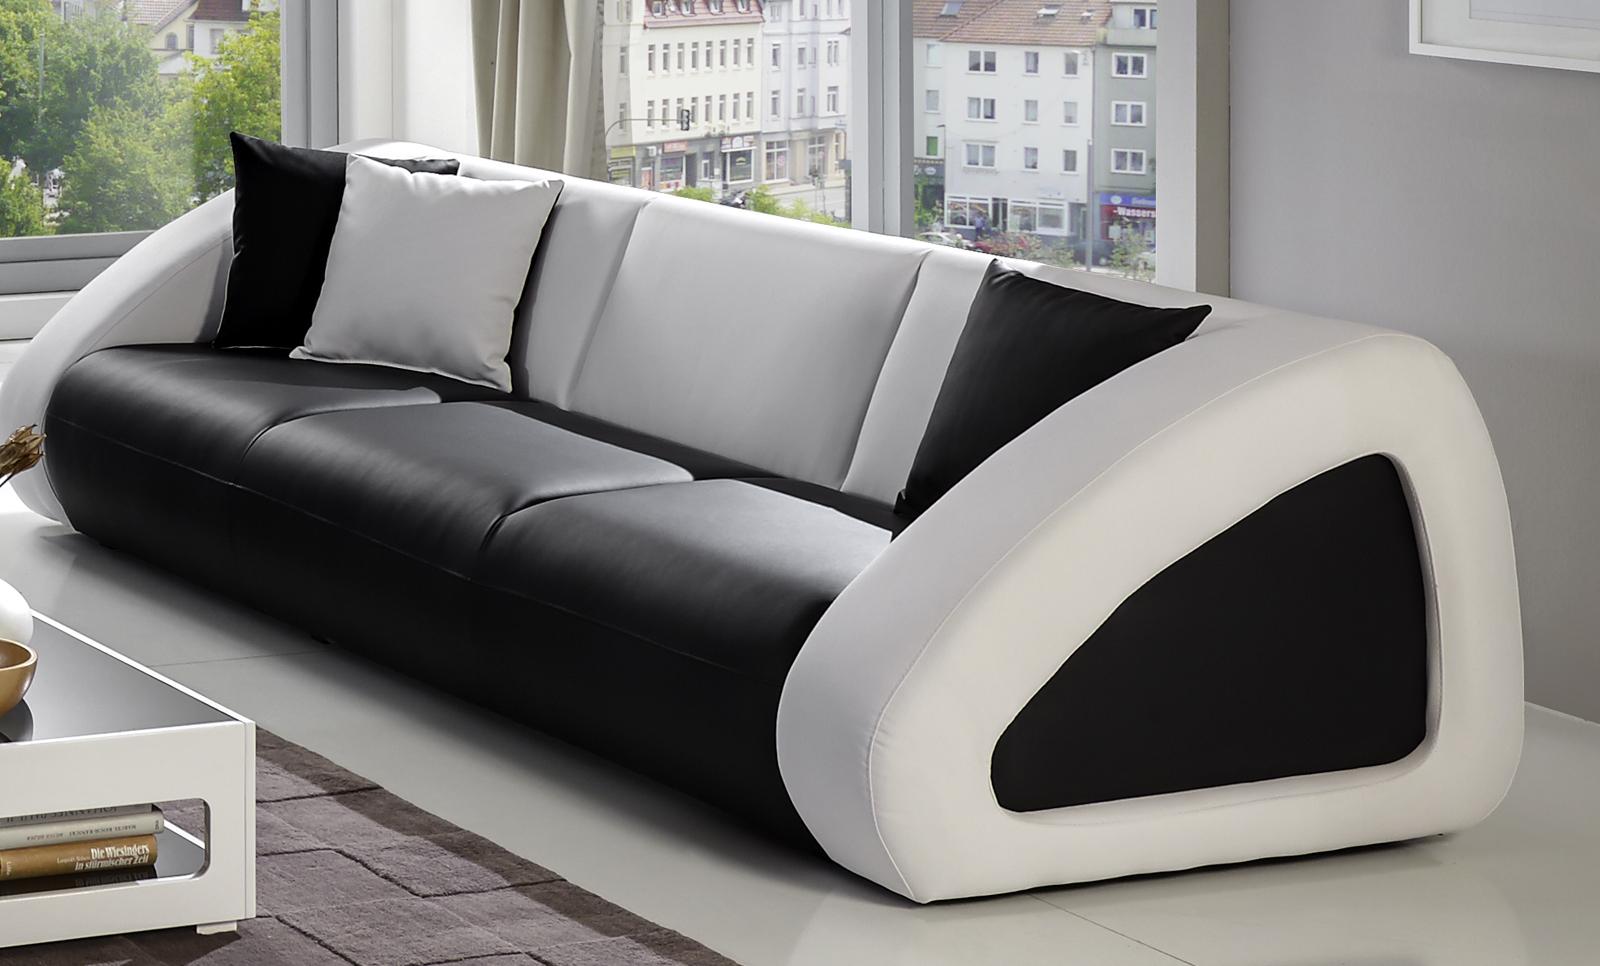 SAM® Polster Sofa Garnitur Schwarz/weiß/weiß CIAO Combi 3 2